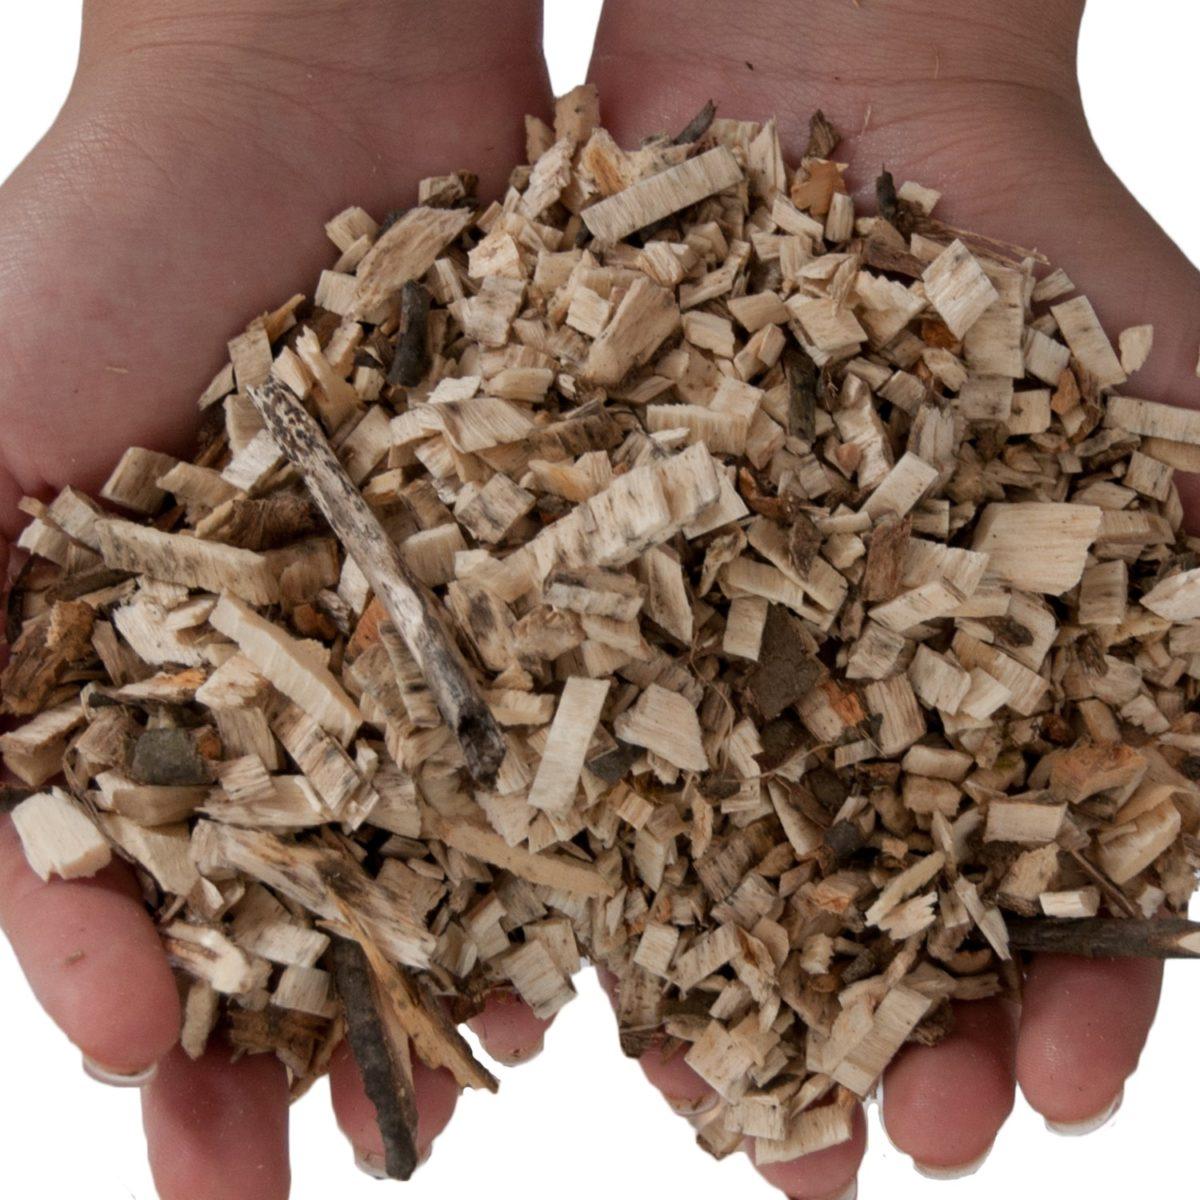 Annahme von Reisig und Baumschnitt